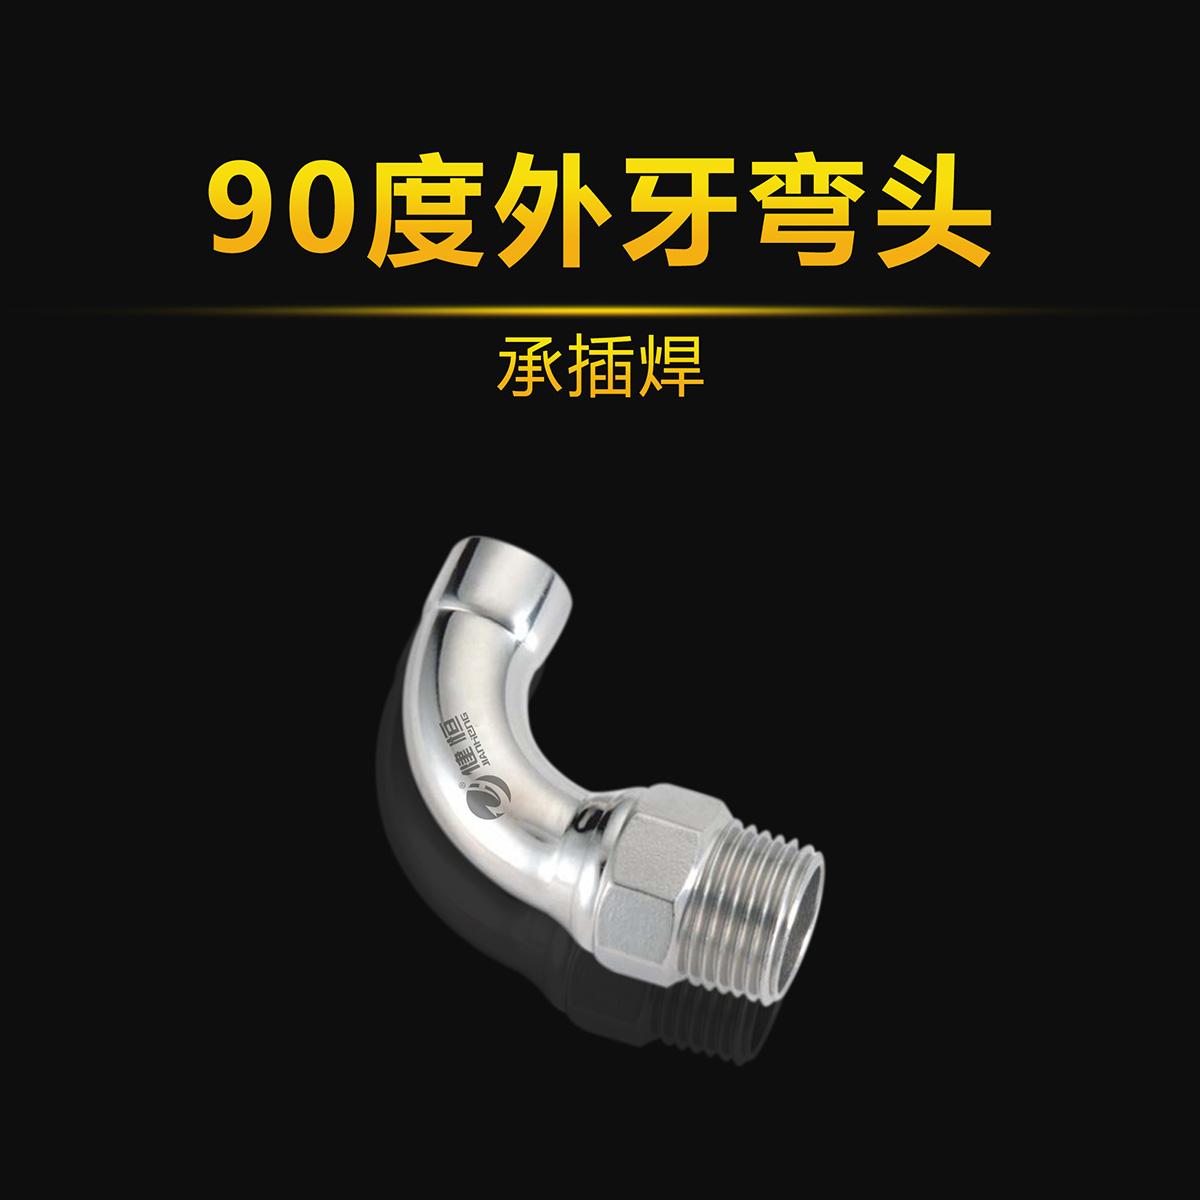 90度外牙弯头承插焊